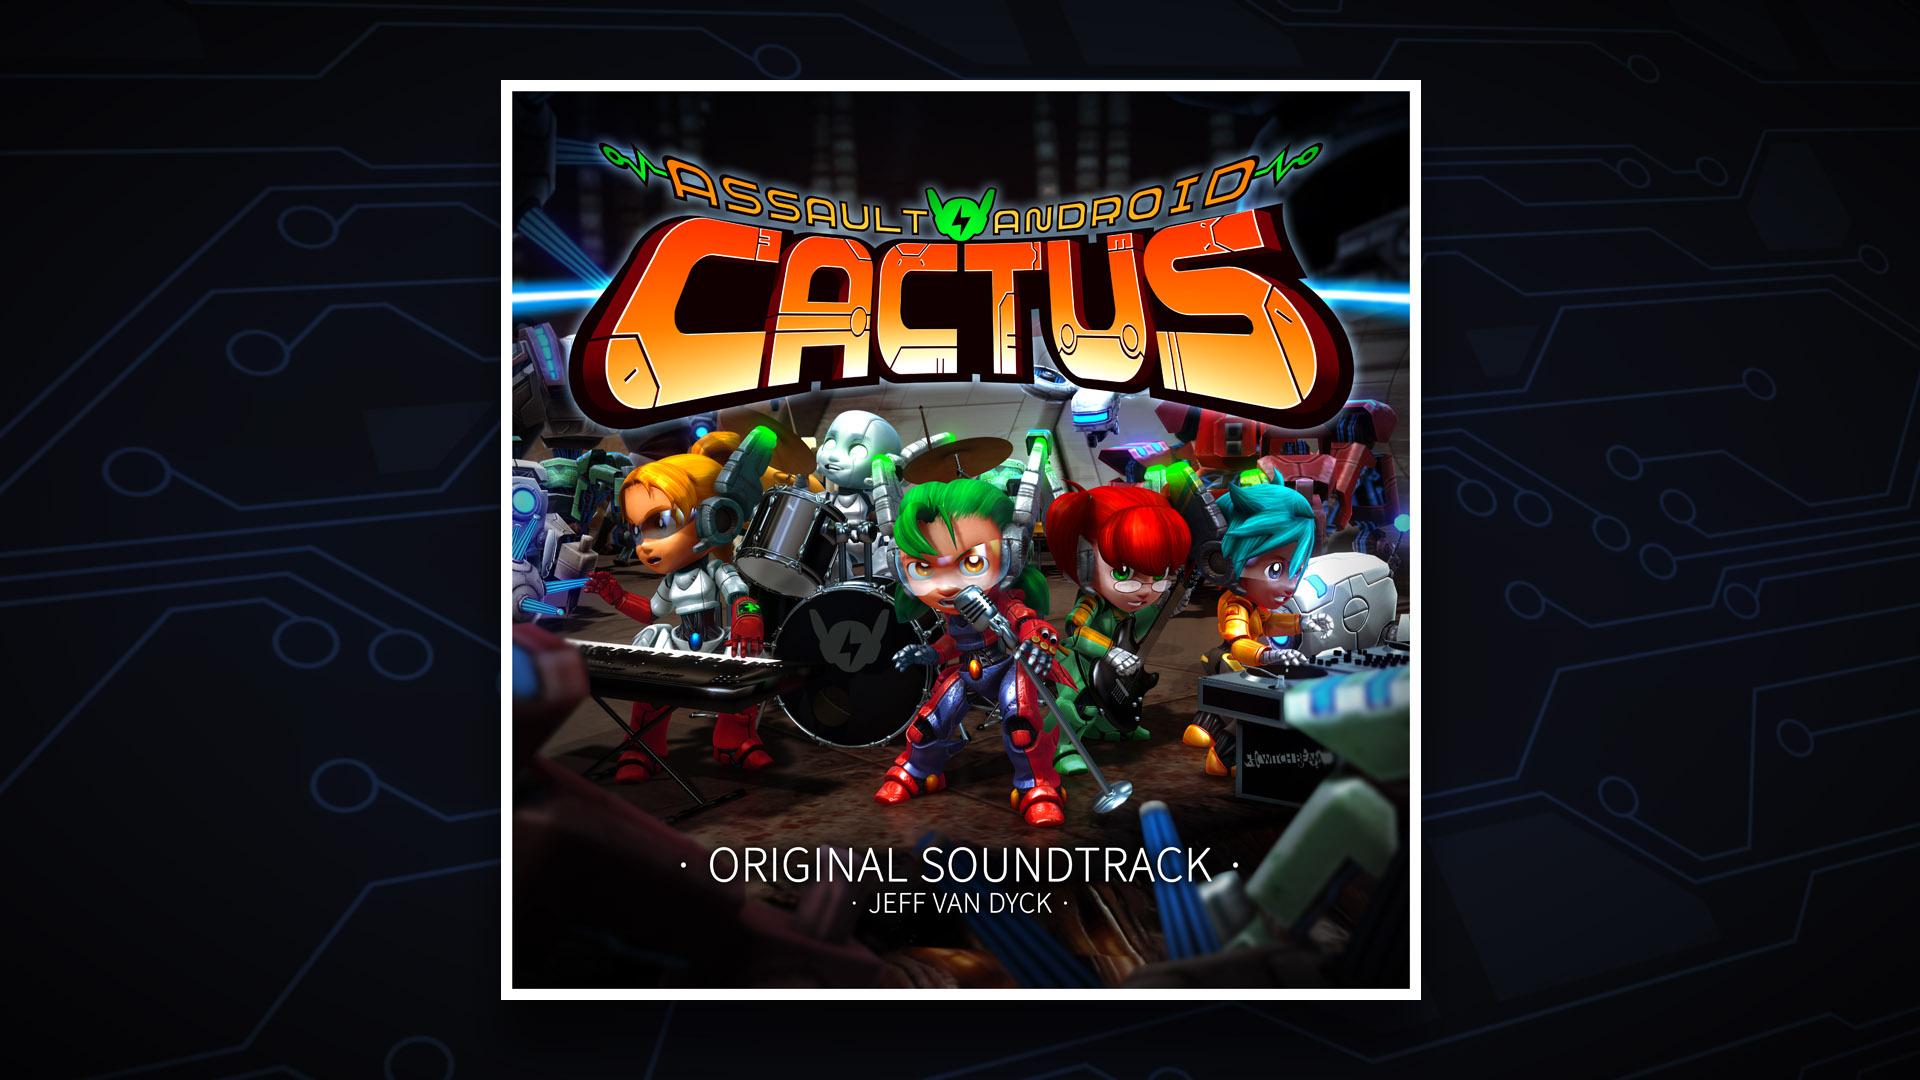 Assault Android Cactus Original Soundtrack screenshot